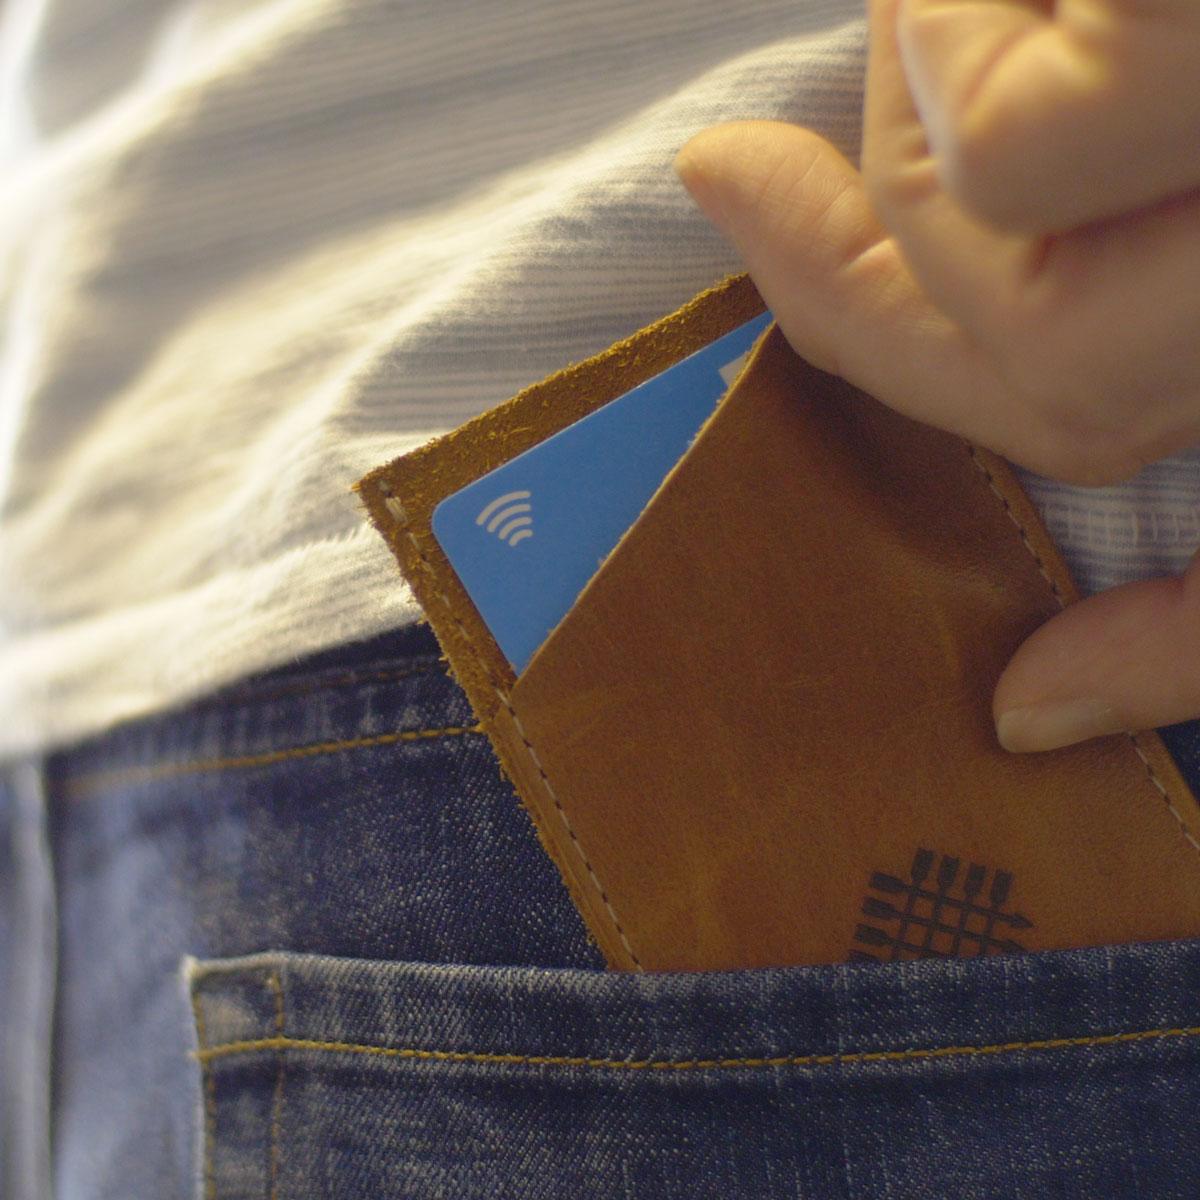 Wallet-in-Pocket.jpg